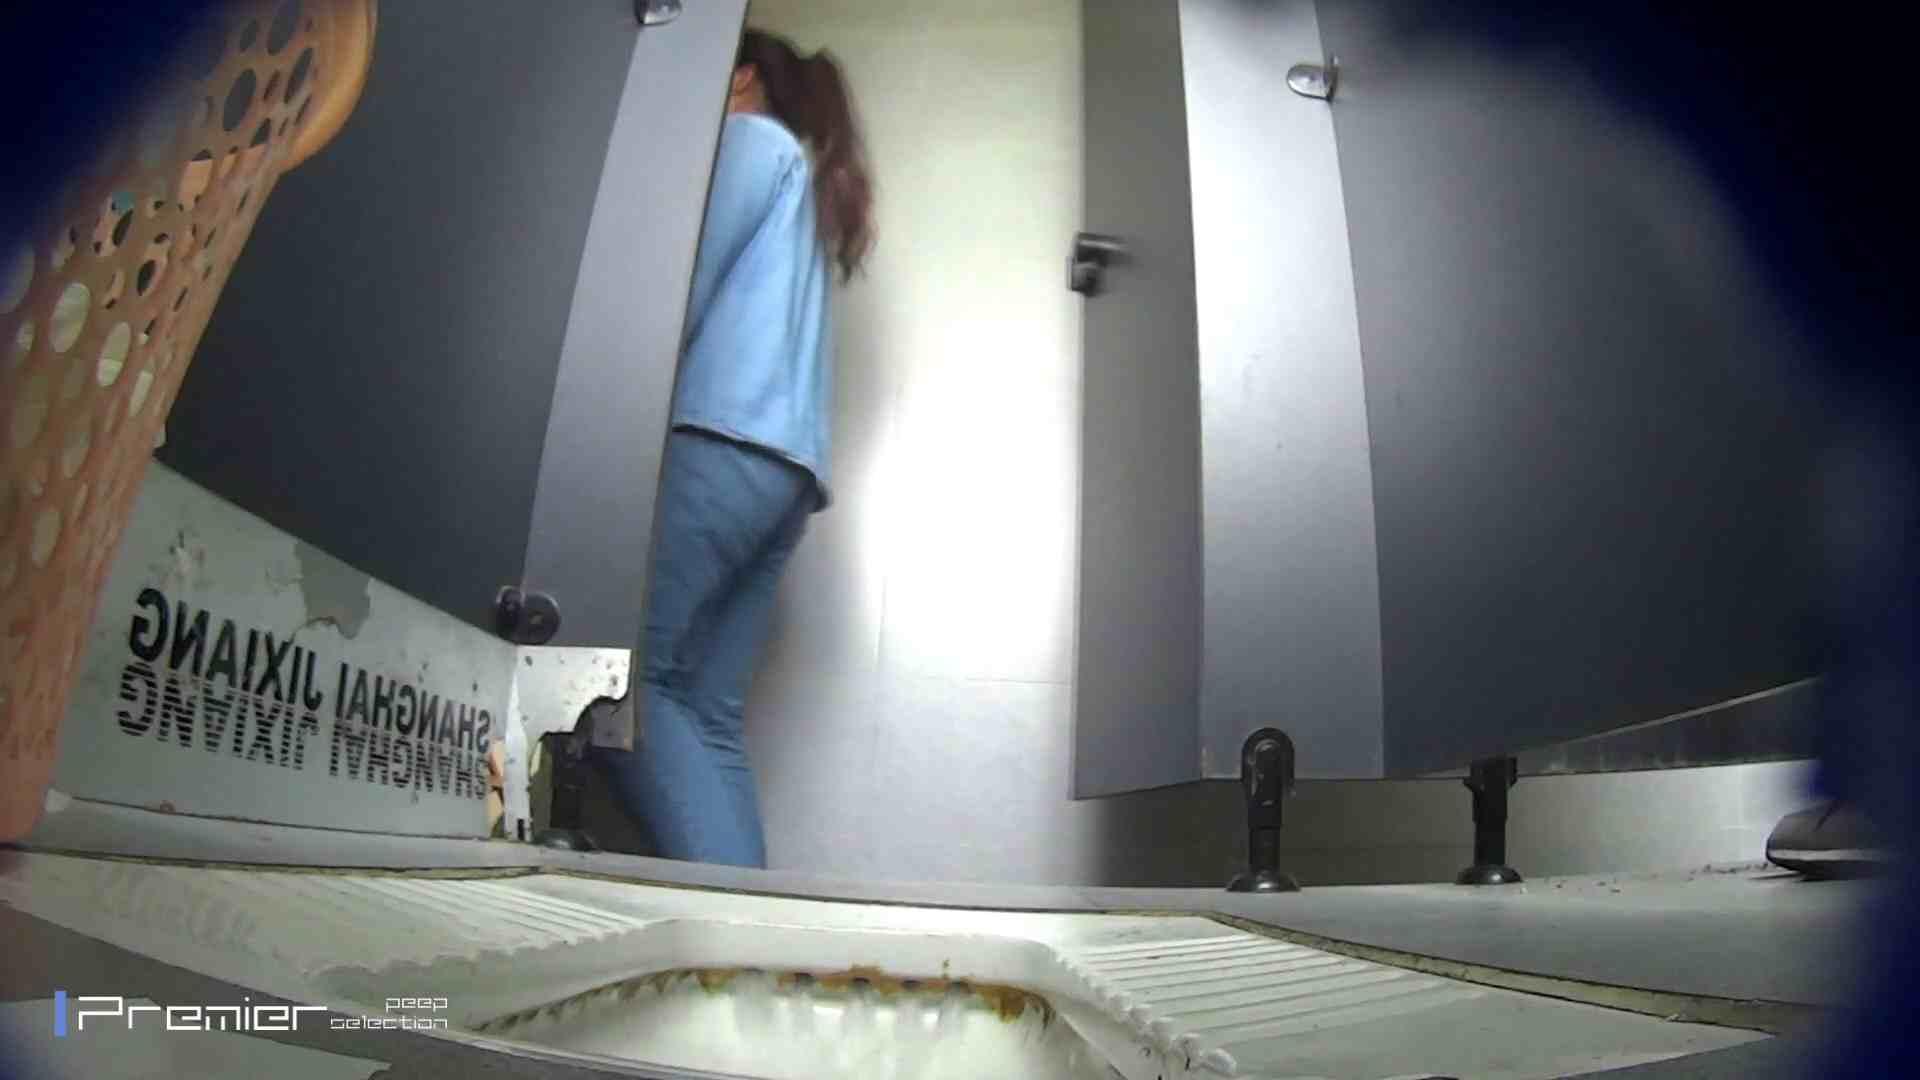 びゅーっと!オシッコ放出 大学休憩時間の洗面所事情47 ギャル攻め エロ画像 104画像 90